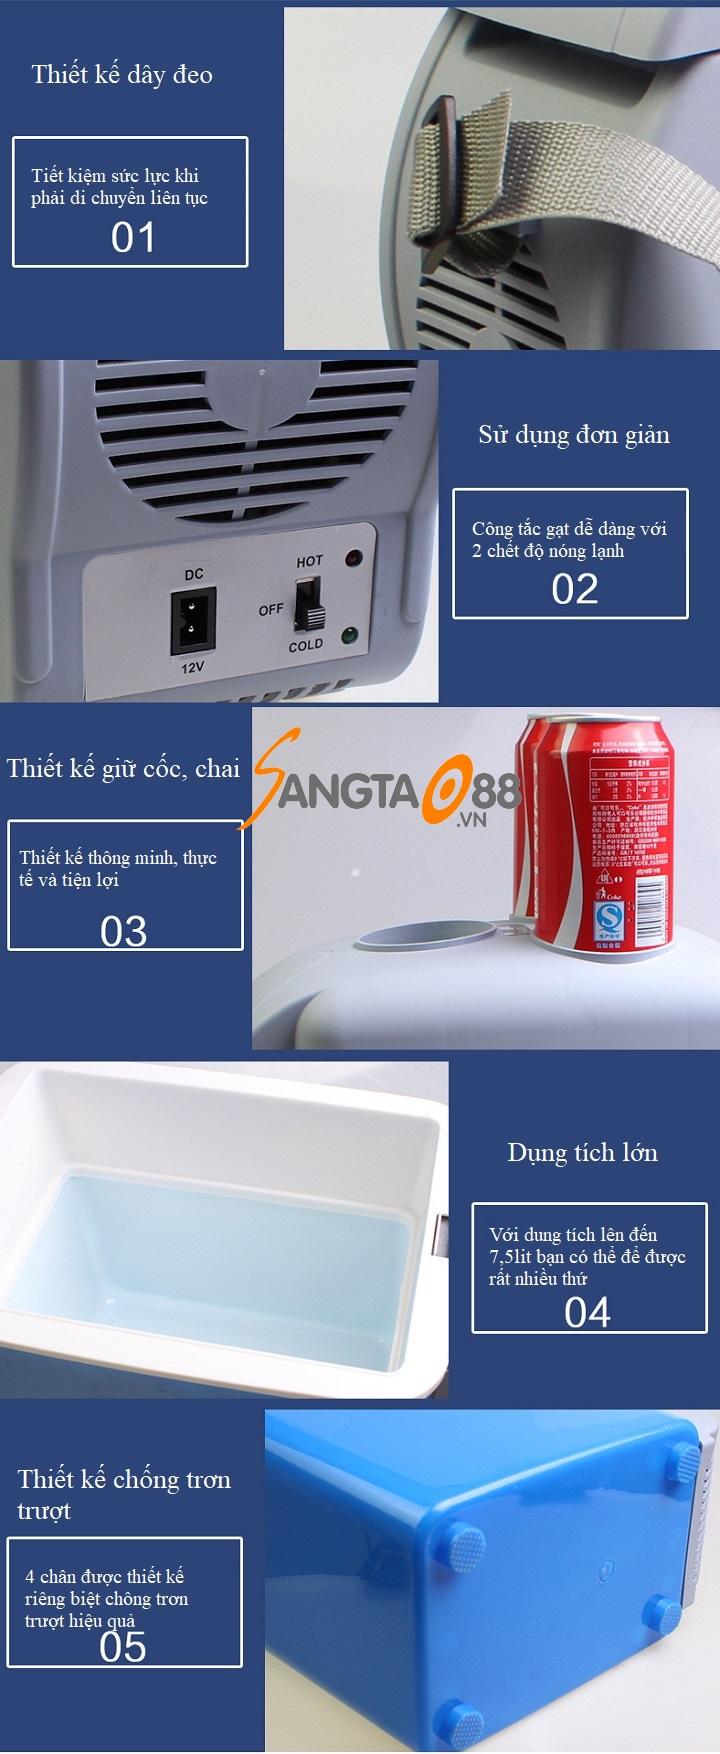 Đặc điểm của tủ lạnh